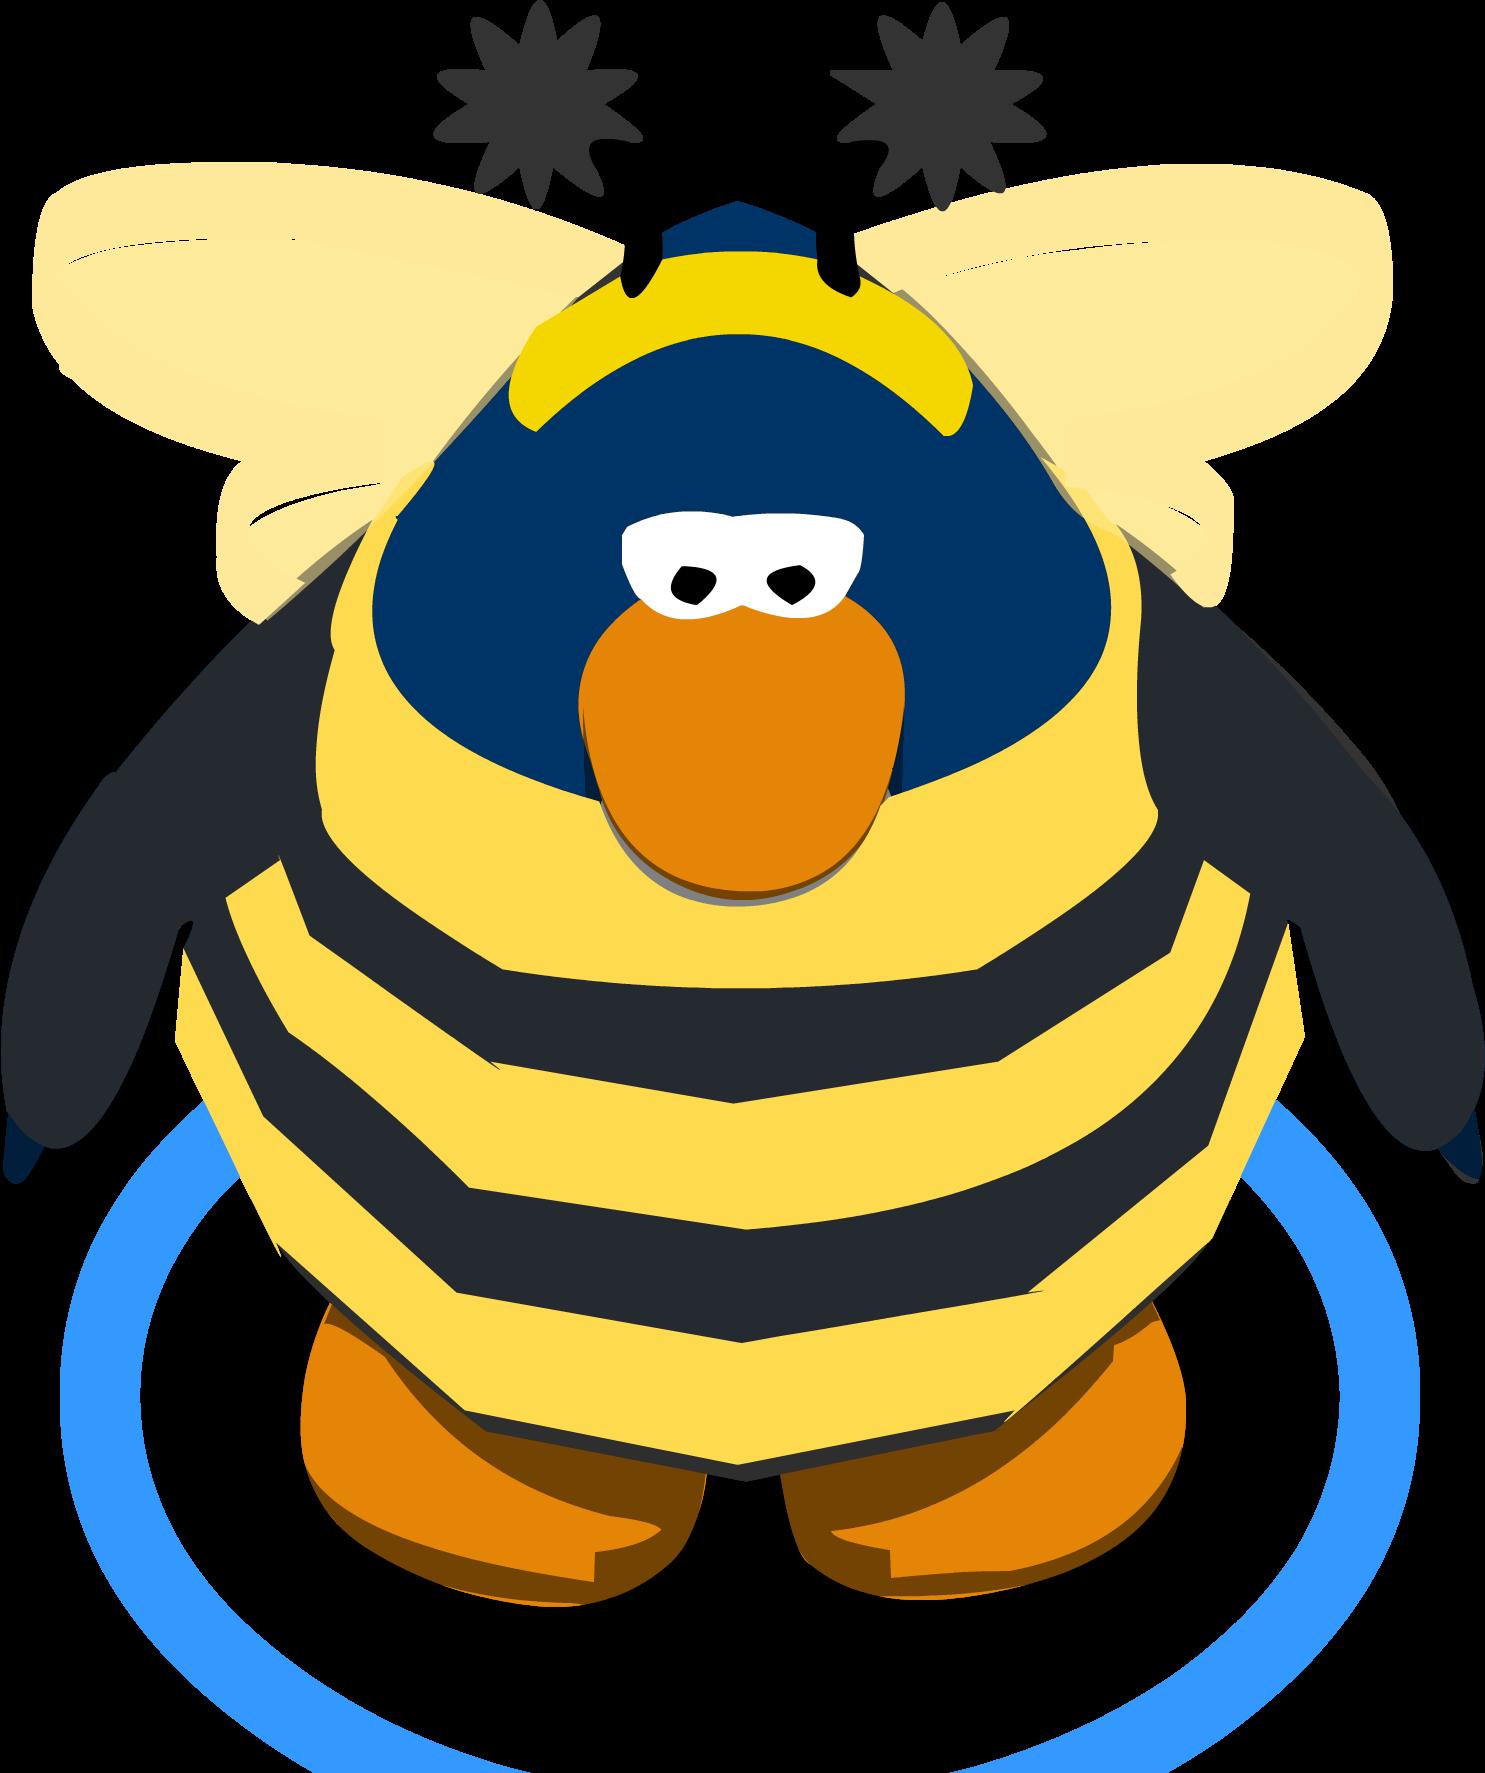 Fuzz the Bee